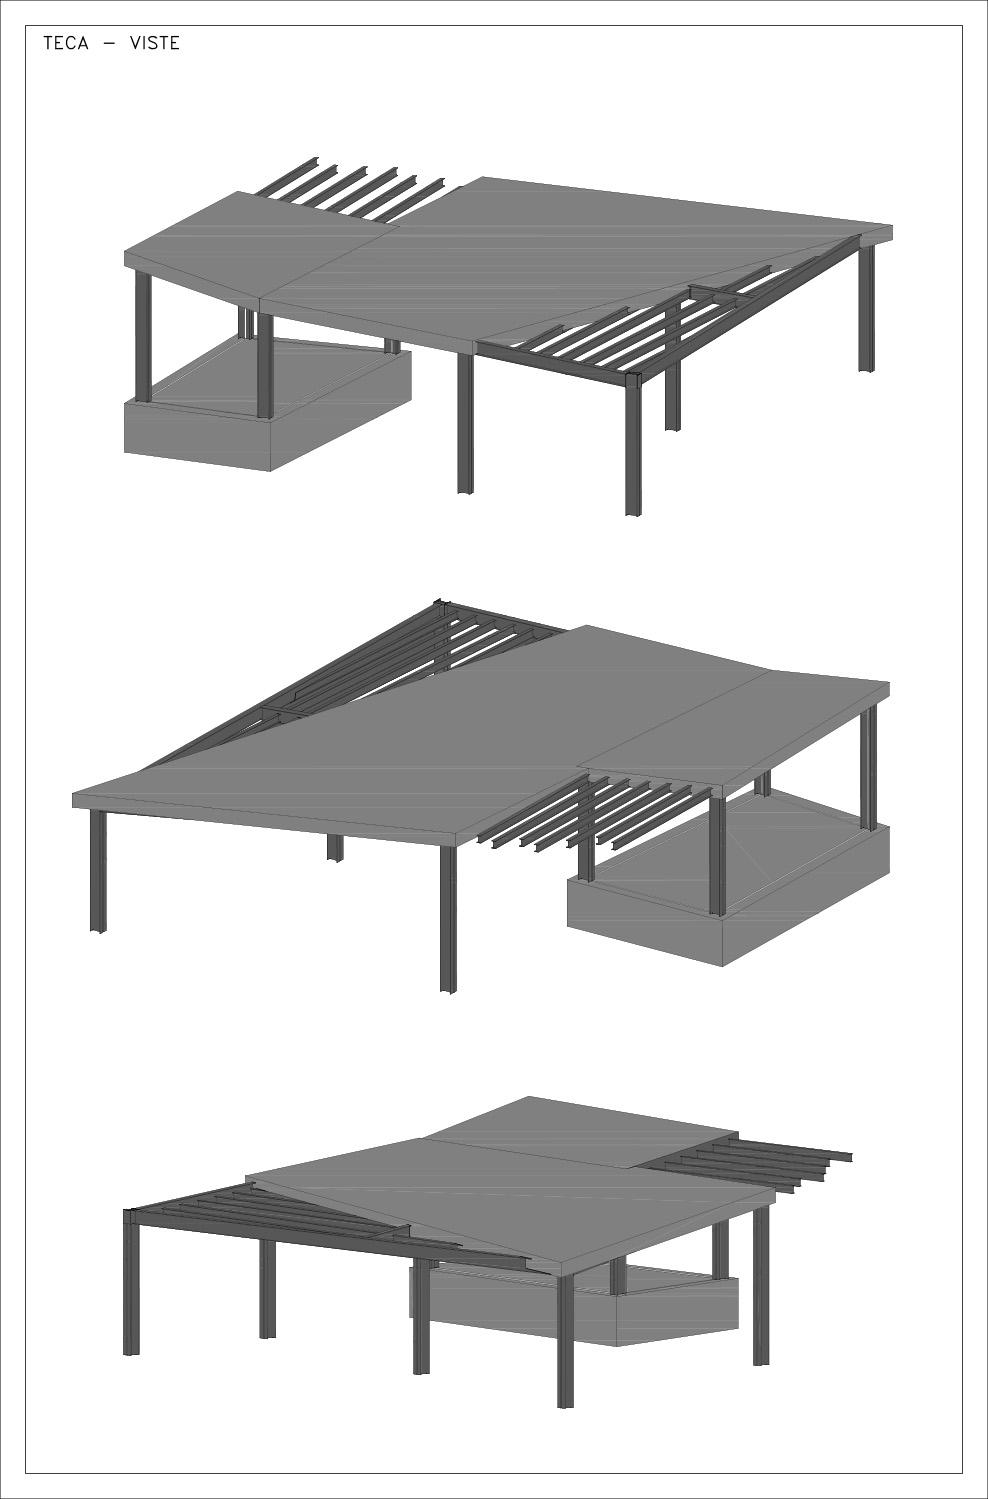 Concept padiglione e teca arch. Fabrizio Cassibba arch. Valentina Careri}